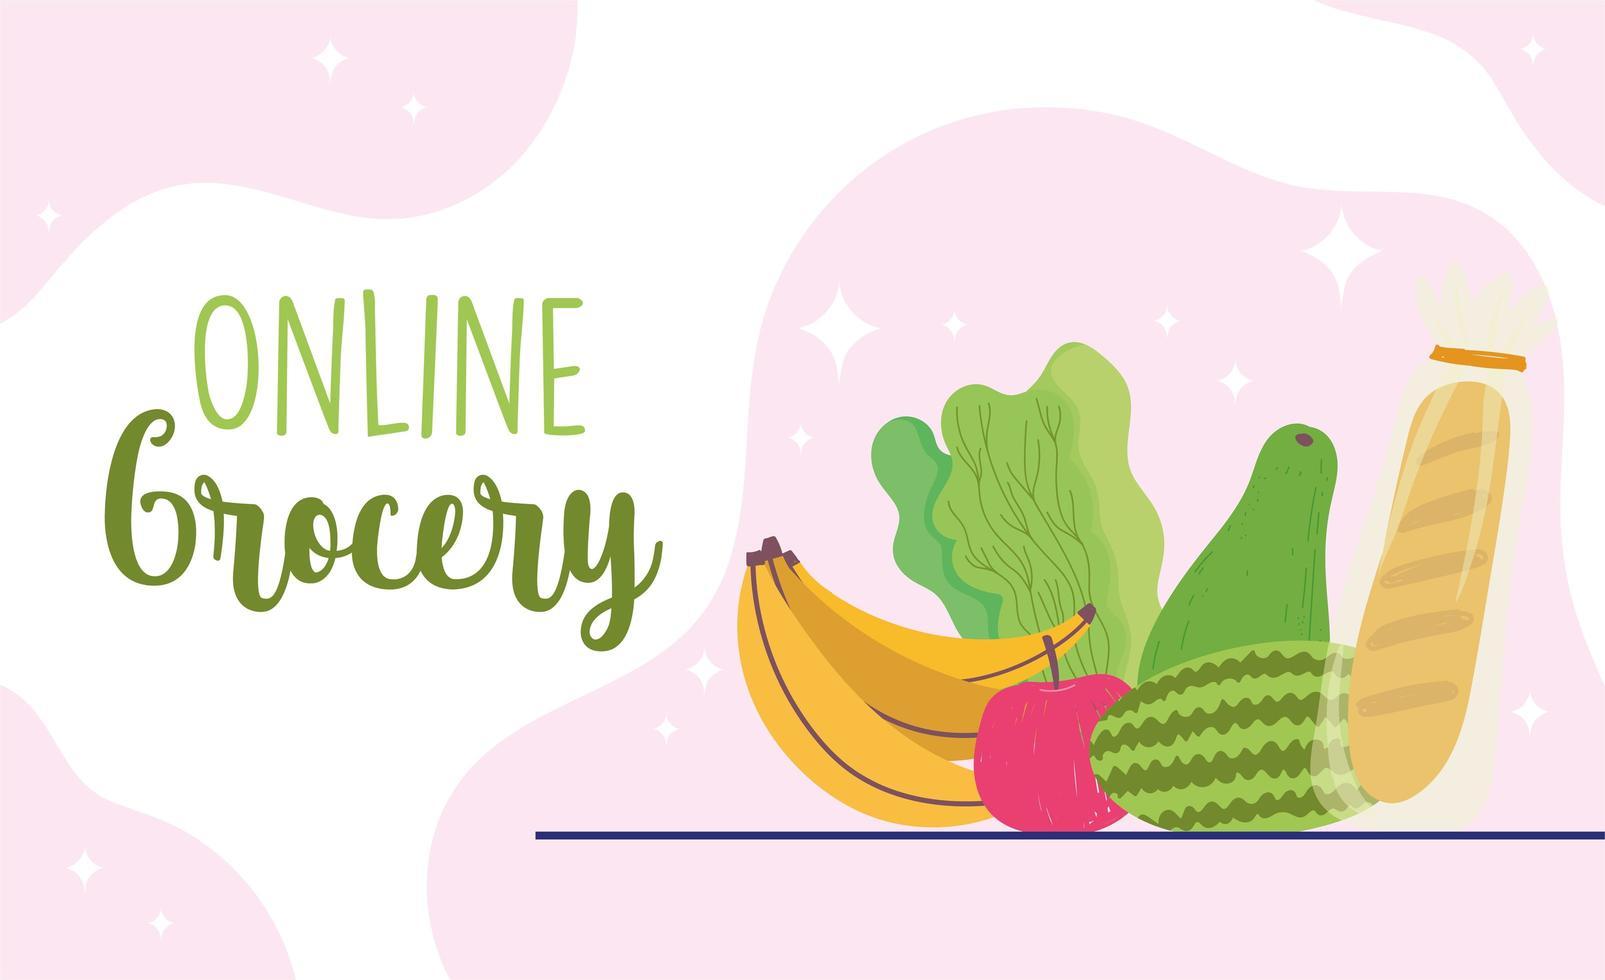 onlinemarknaden. livsmedelsbutik hemleverans vektor